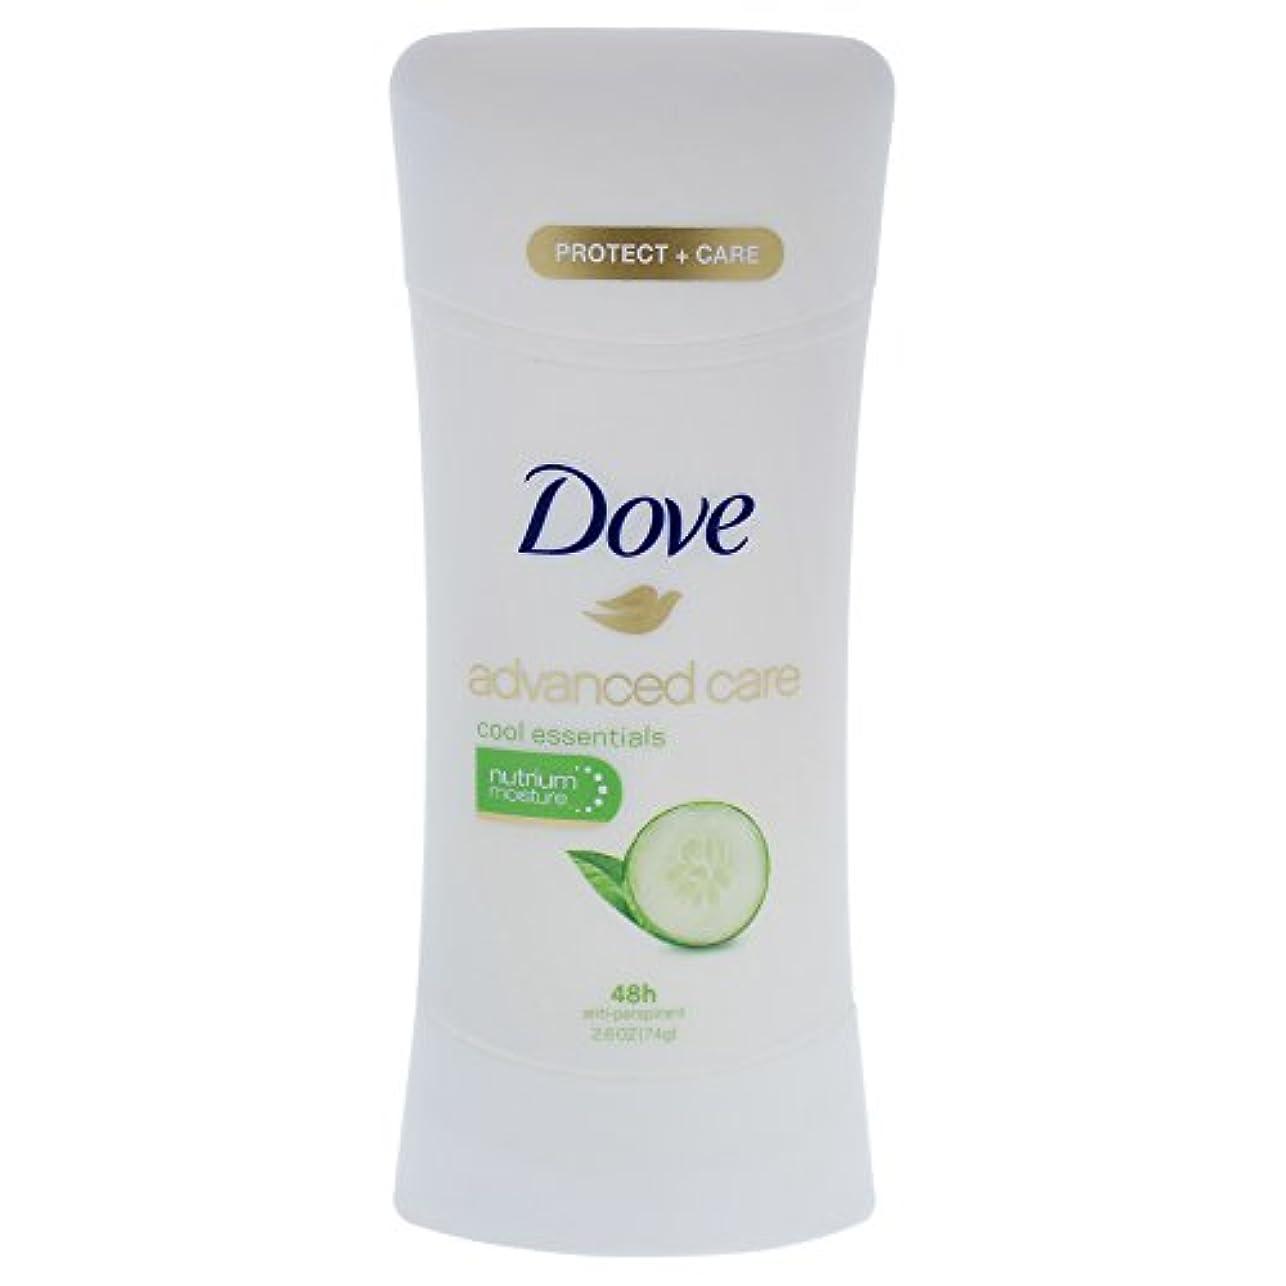 飛躍古い摂動Dove Advanced Care Cool Essentials Deodorant - 2.6oz ダブ アドバンスド ケア クールエッセンシャル デオドラント 74g [並行輸入品]